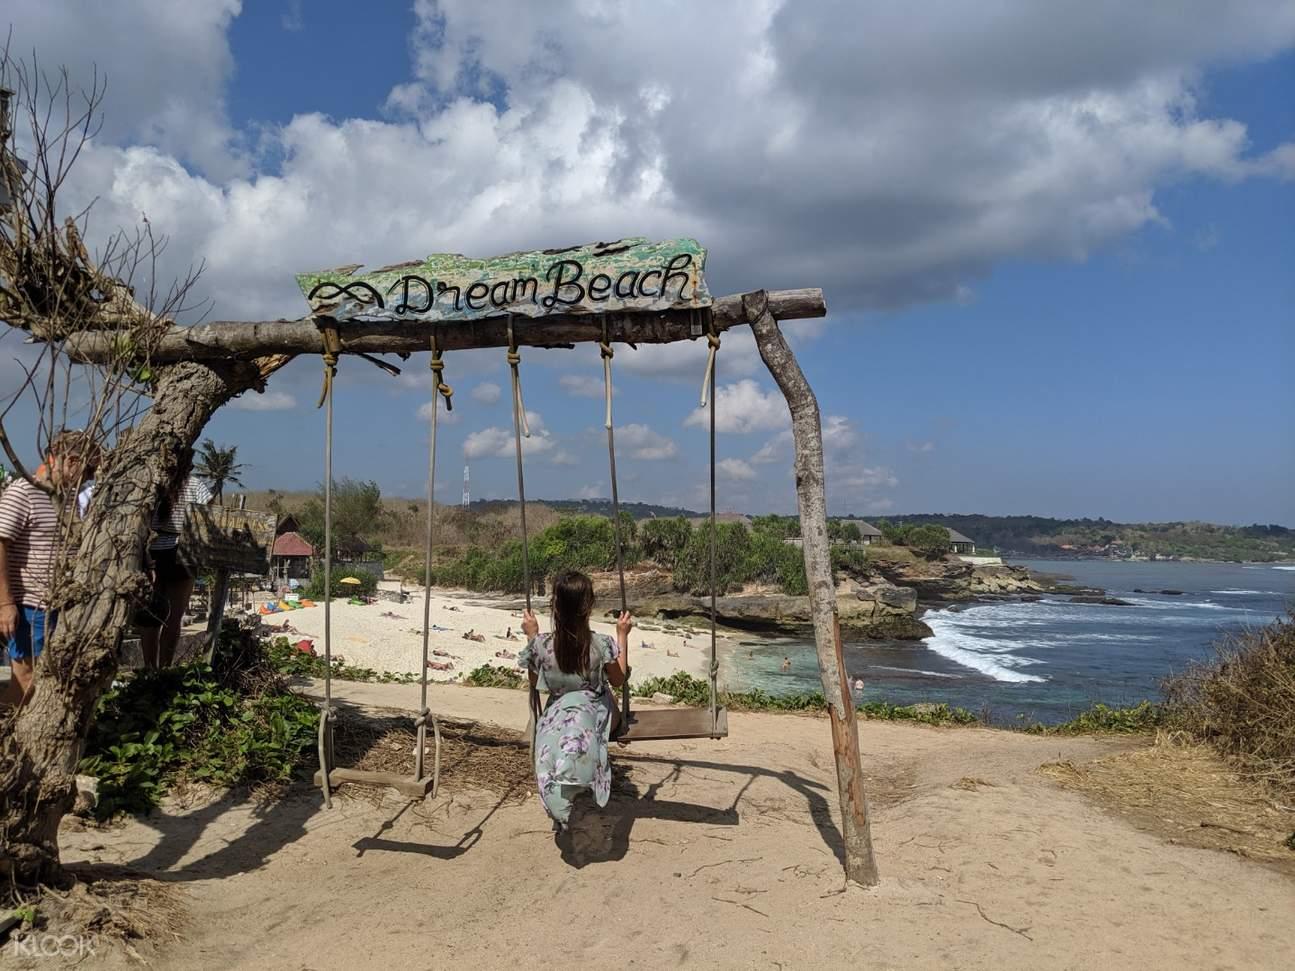 藍夢島夢幻海灘